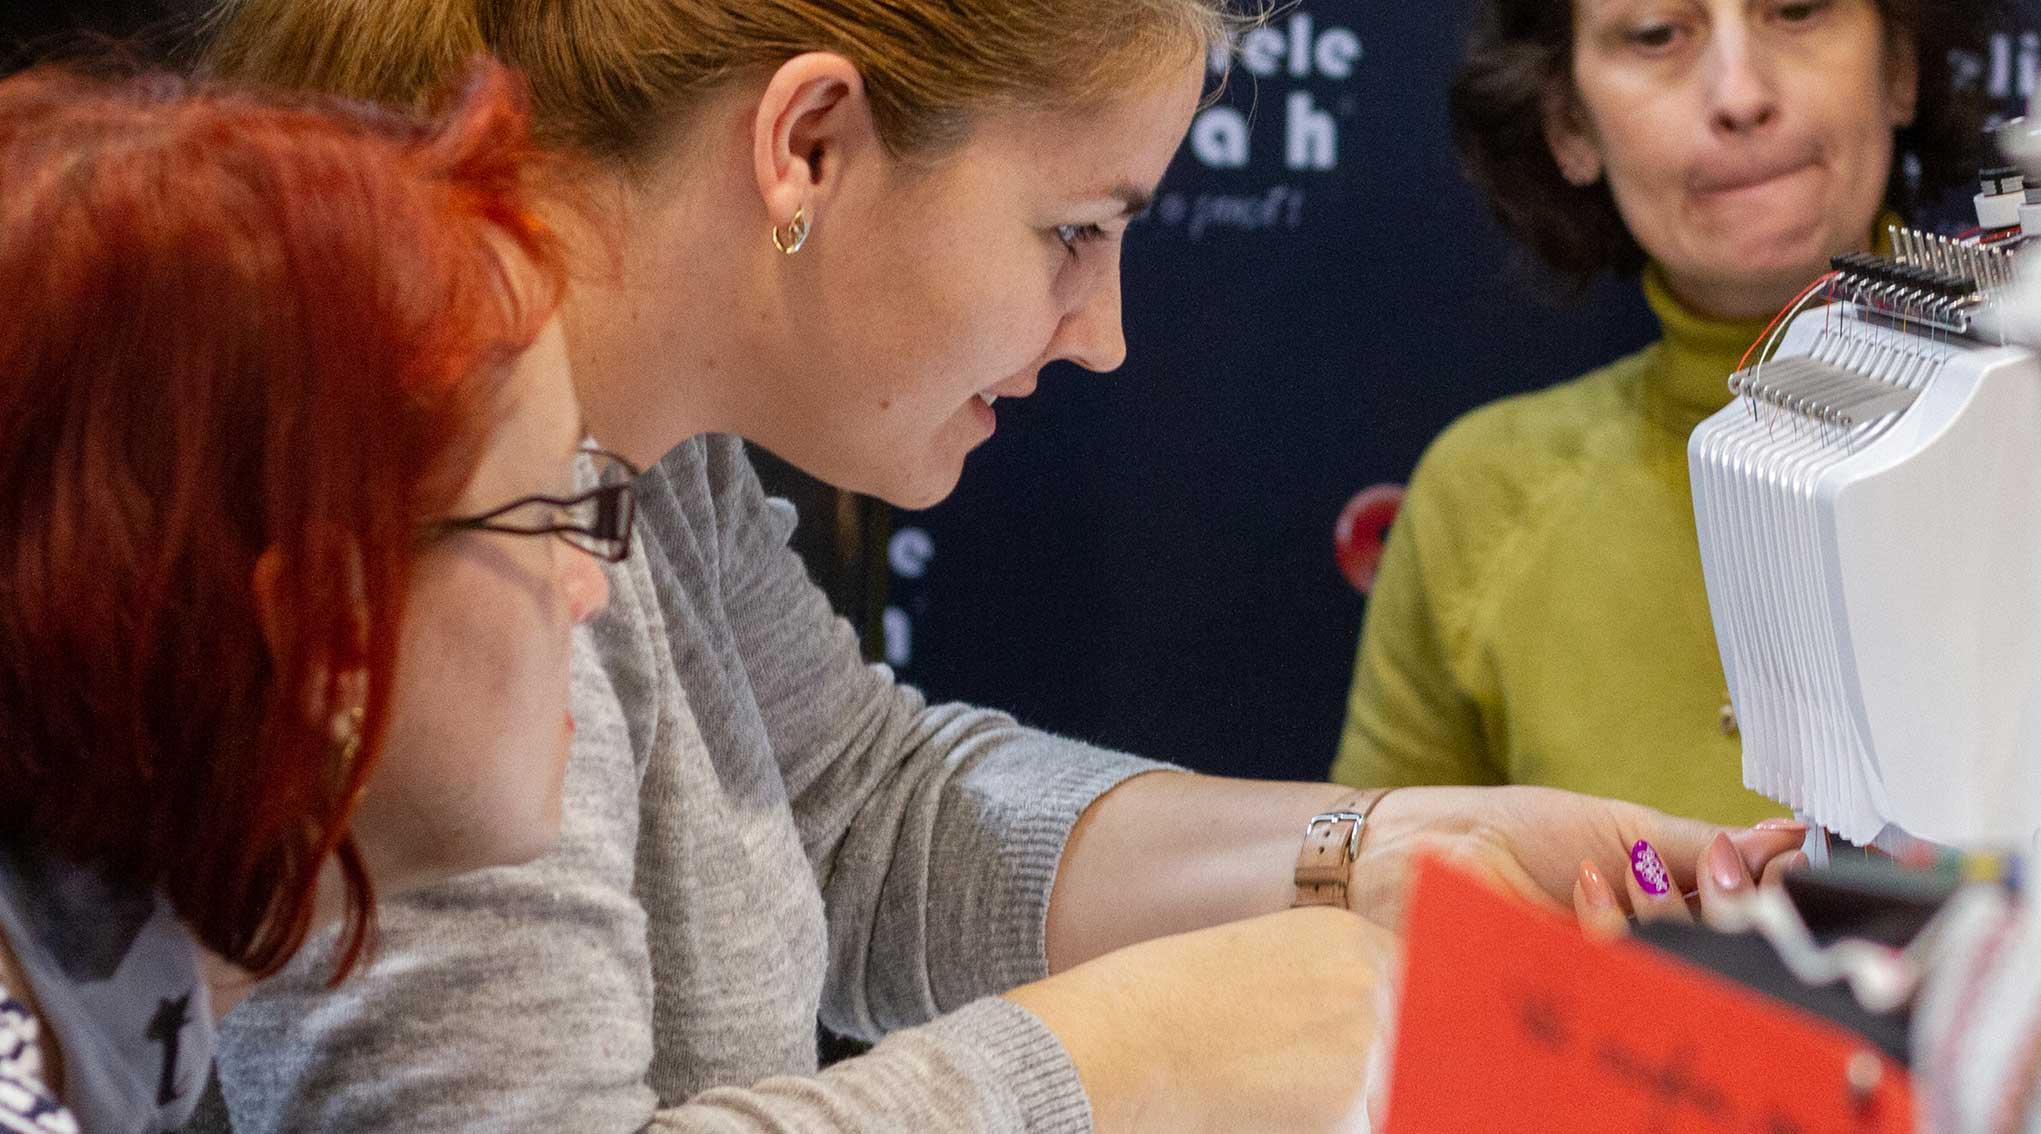 workshop-uri-demonstratii-si-conferinte-marca-atelierele-ilbah-pe-parcursul-a-4-zile-in-cadrul-romexpo-20